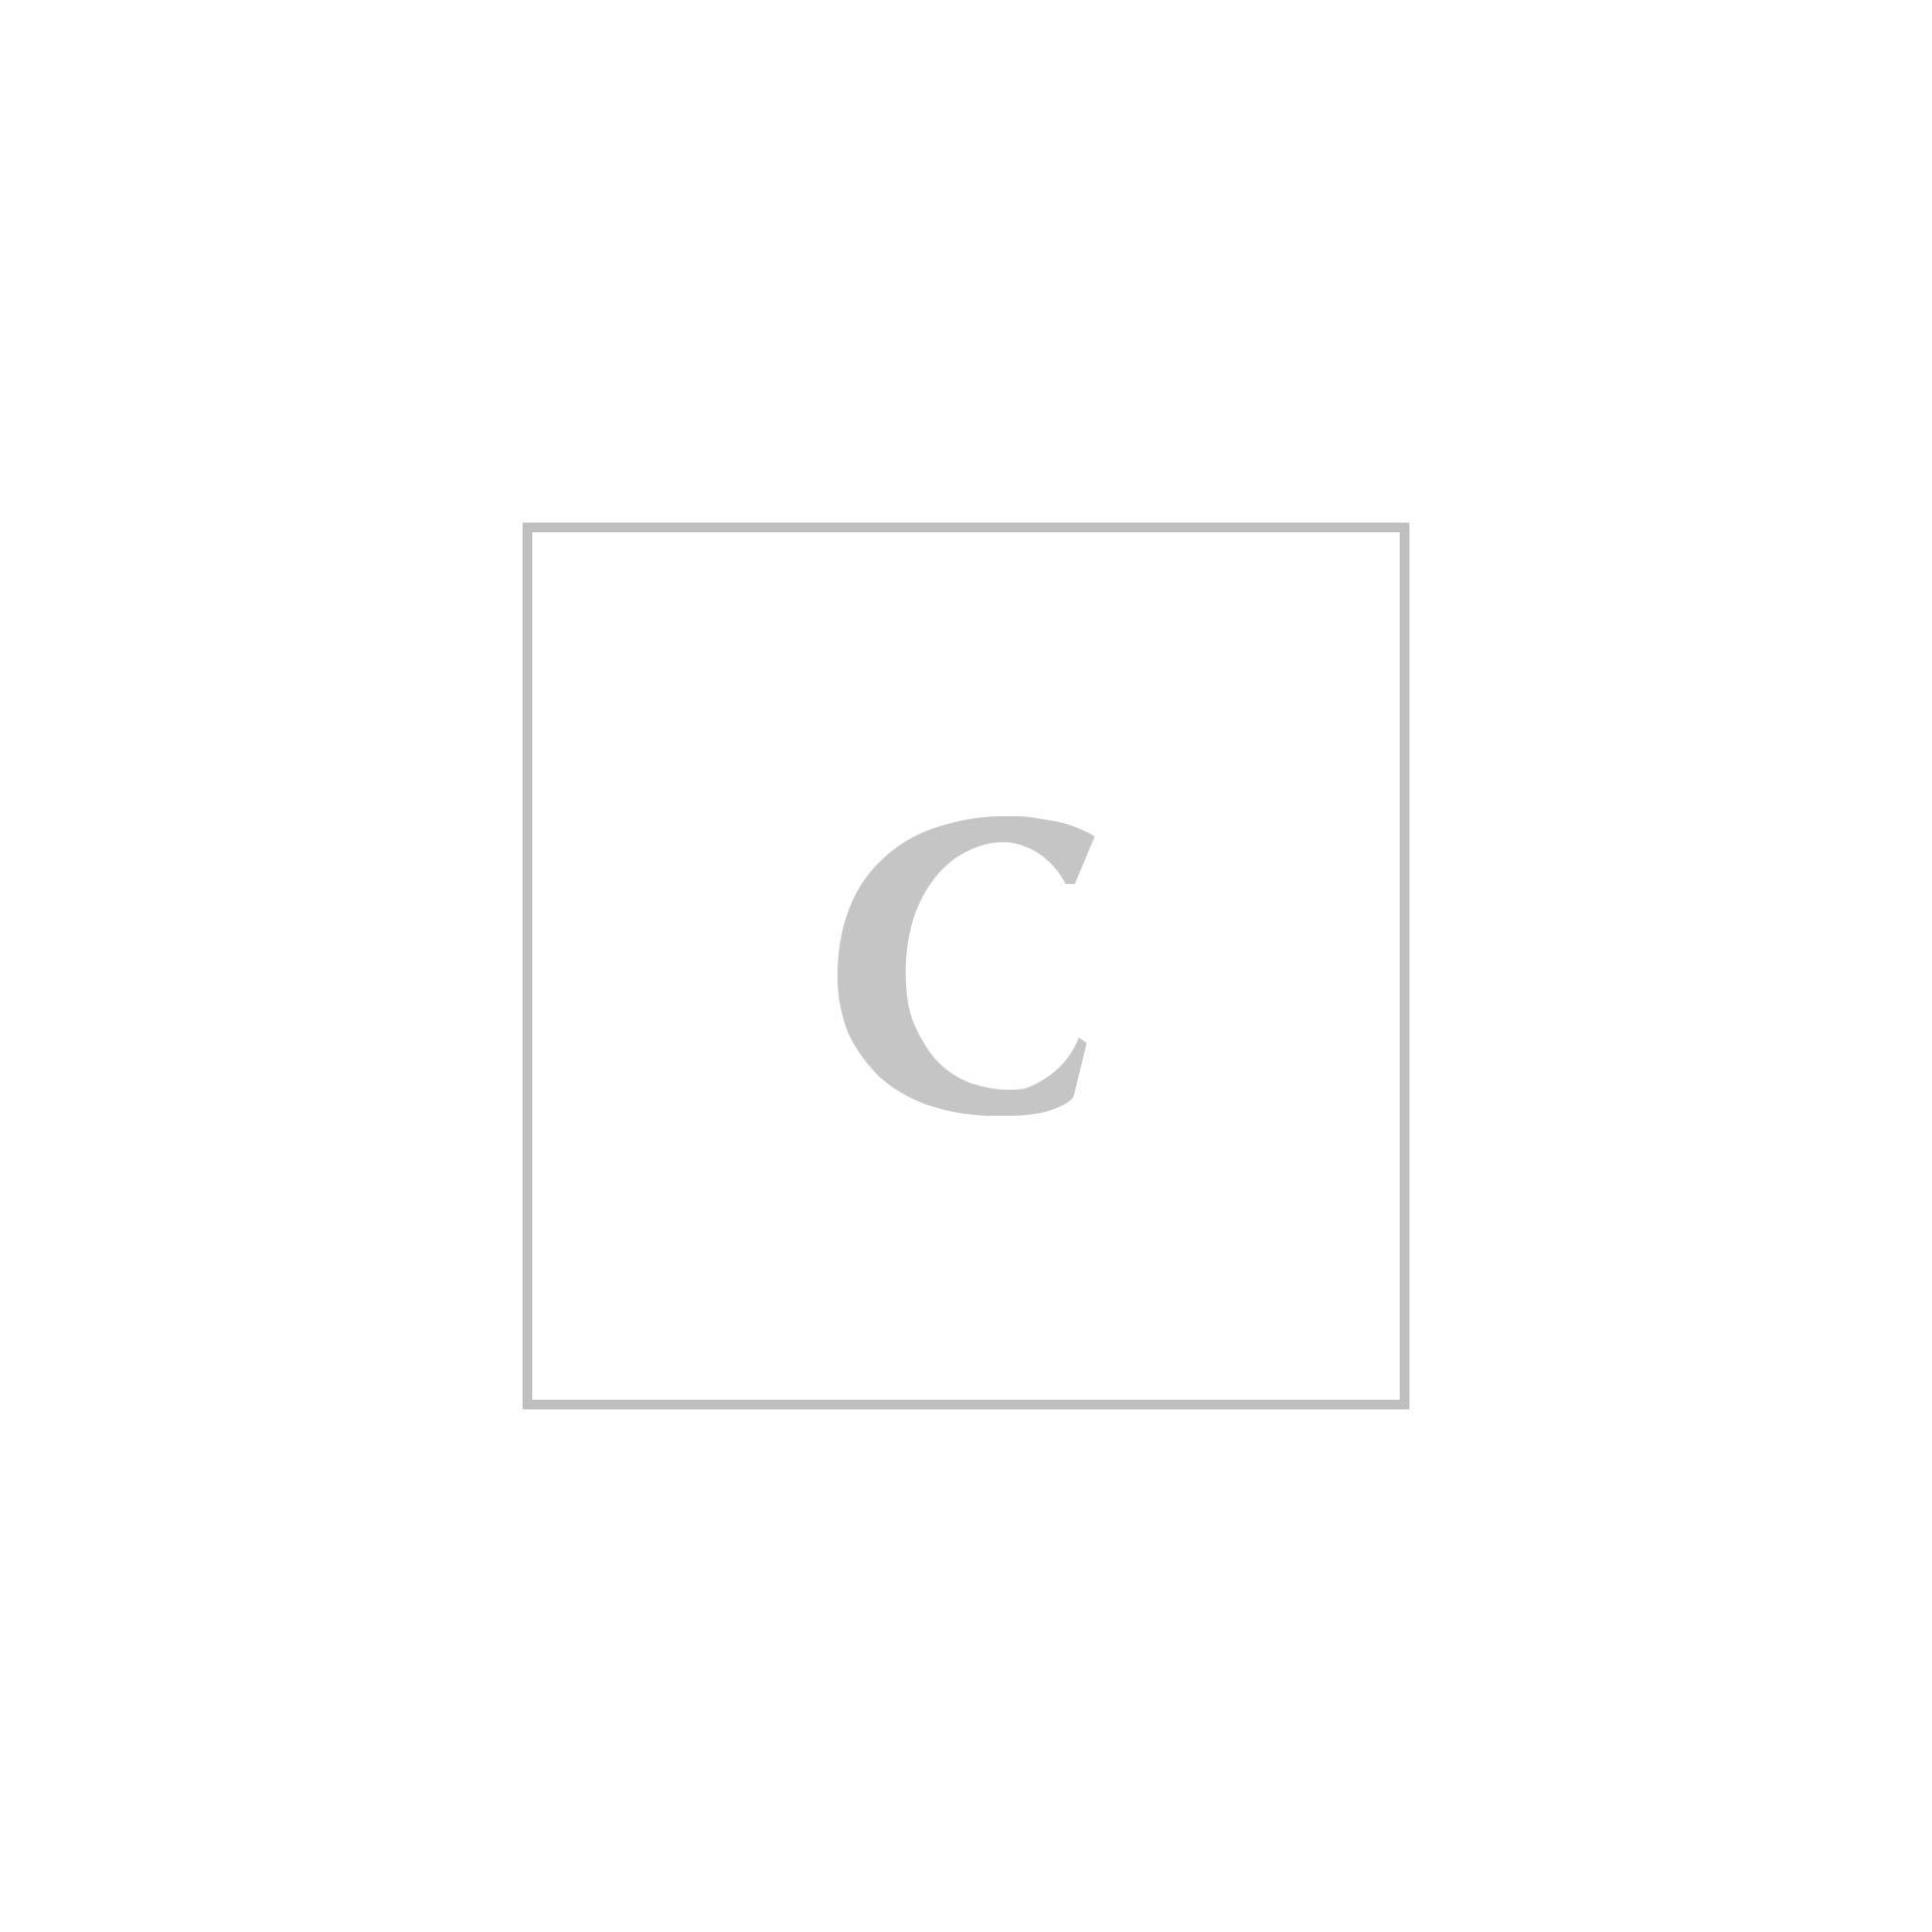 Dolce & gabbana francesina vitello crust trattato marsala